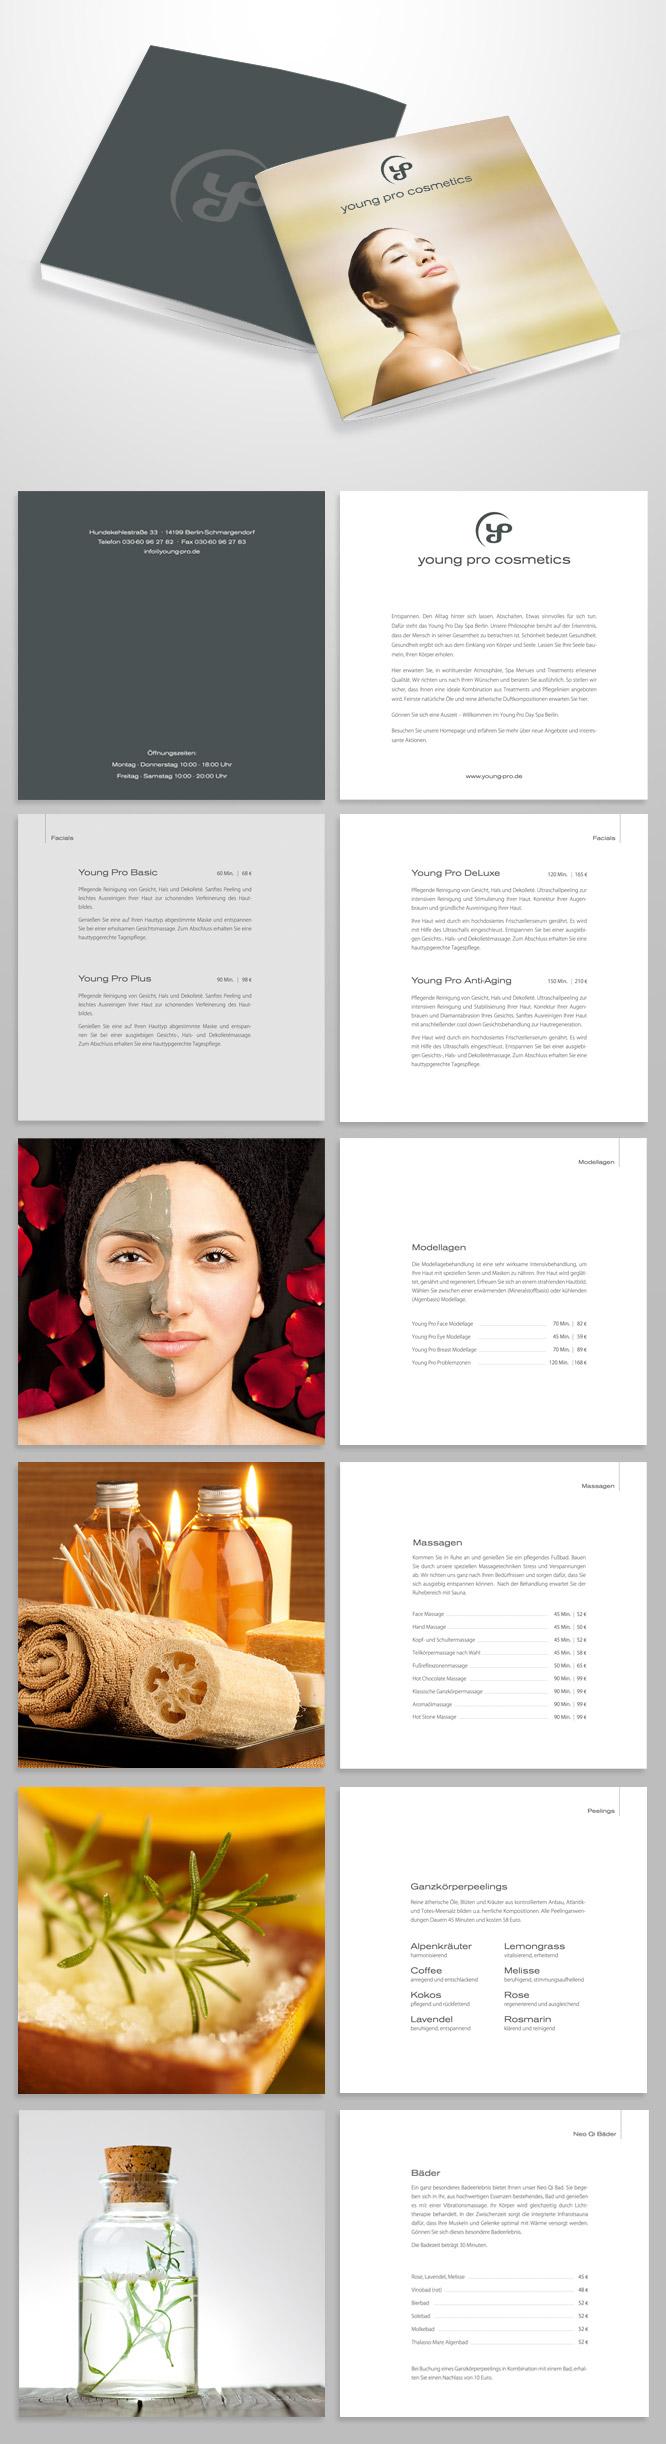 Grafikdesign - Infobroschüre für Young Pro Cosmetics, Kosmetik-Institut aus Berlin